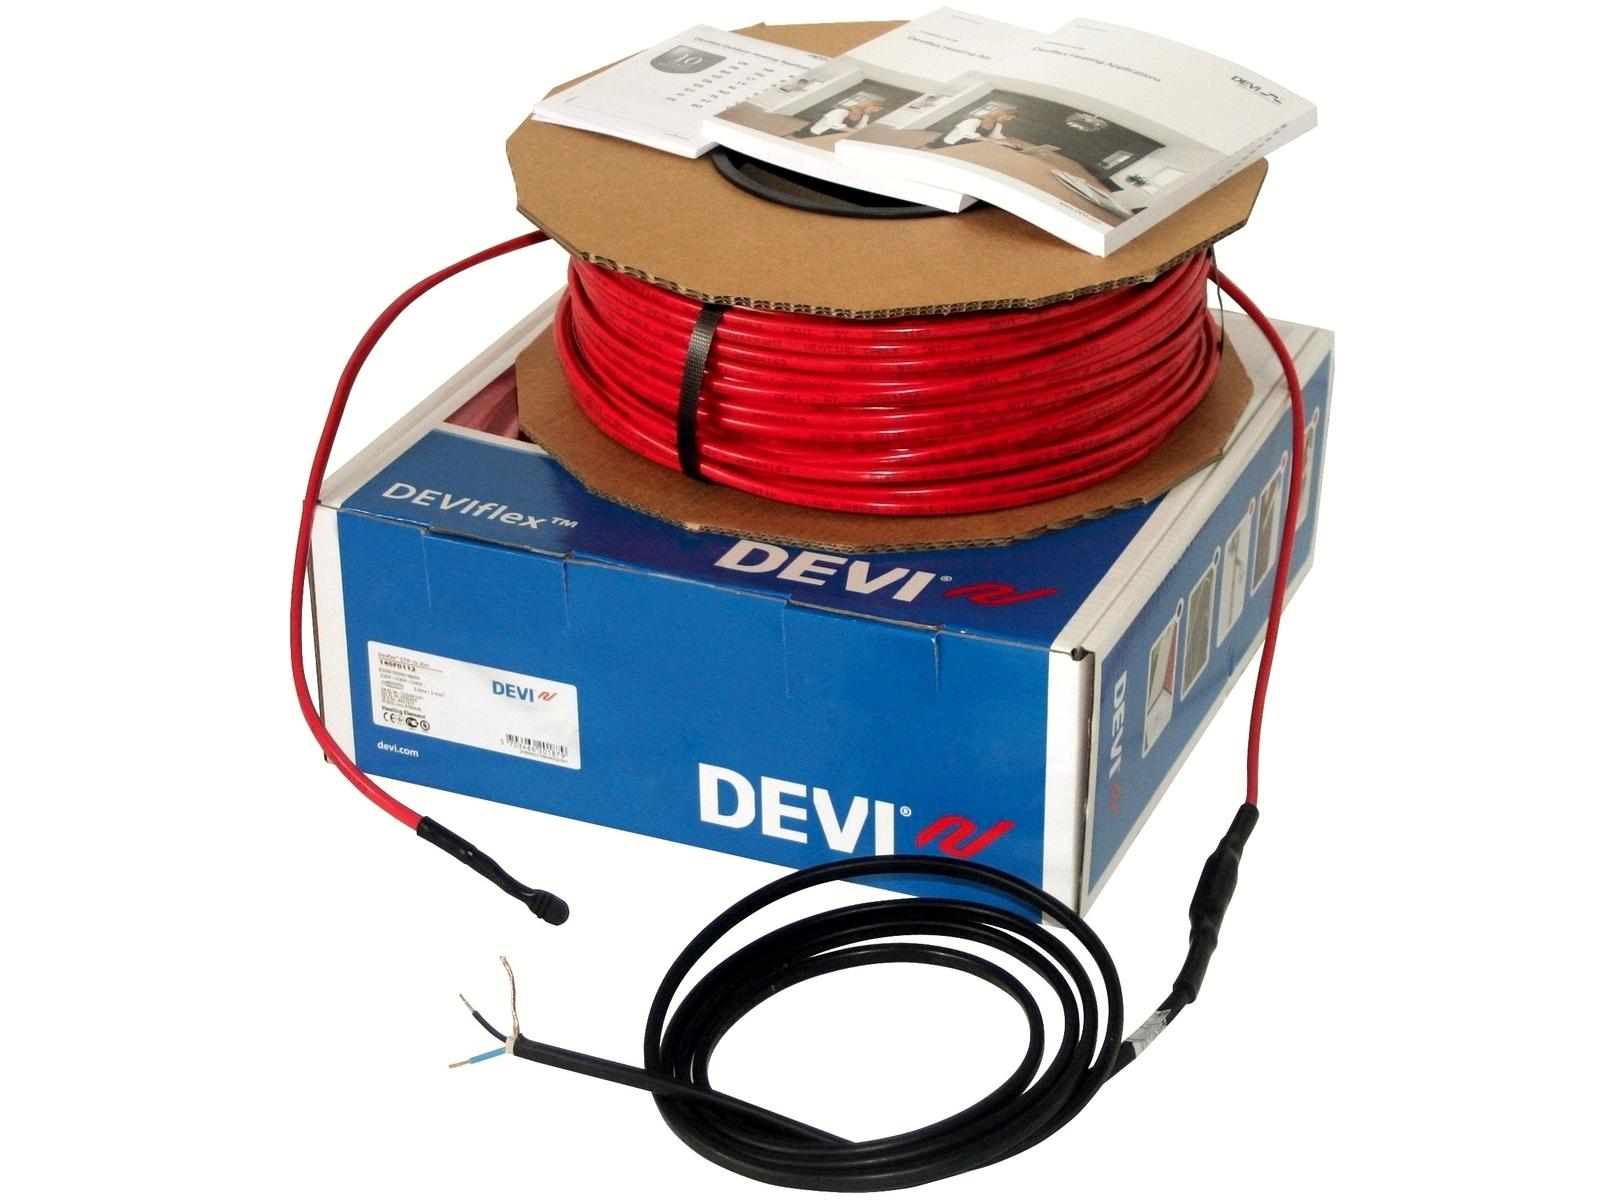 Ostan küttekaablit Deviflex 1575 W, 160 m, 230 V, DTIP-10 W/m, 140F1231